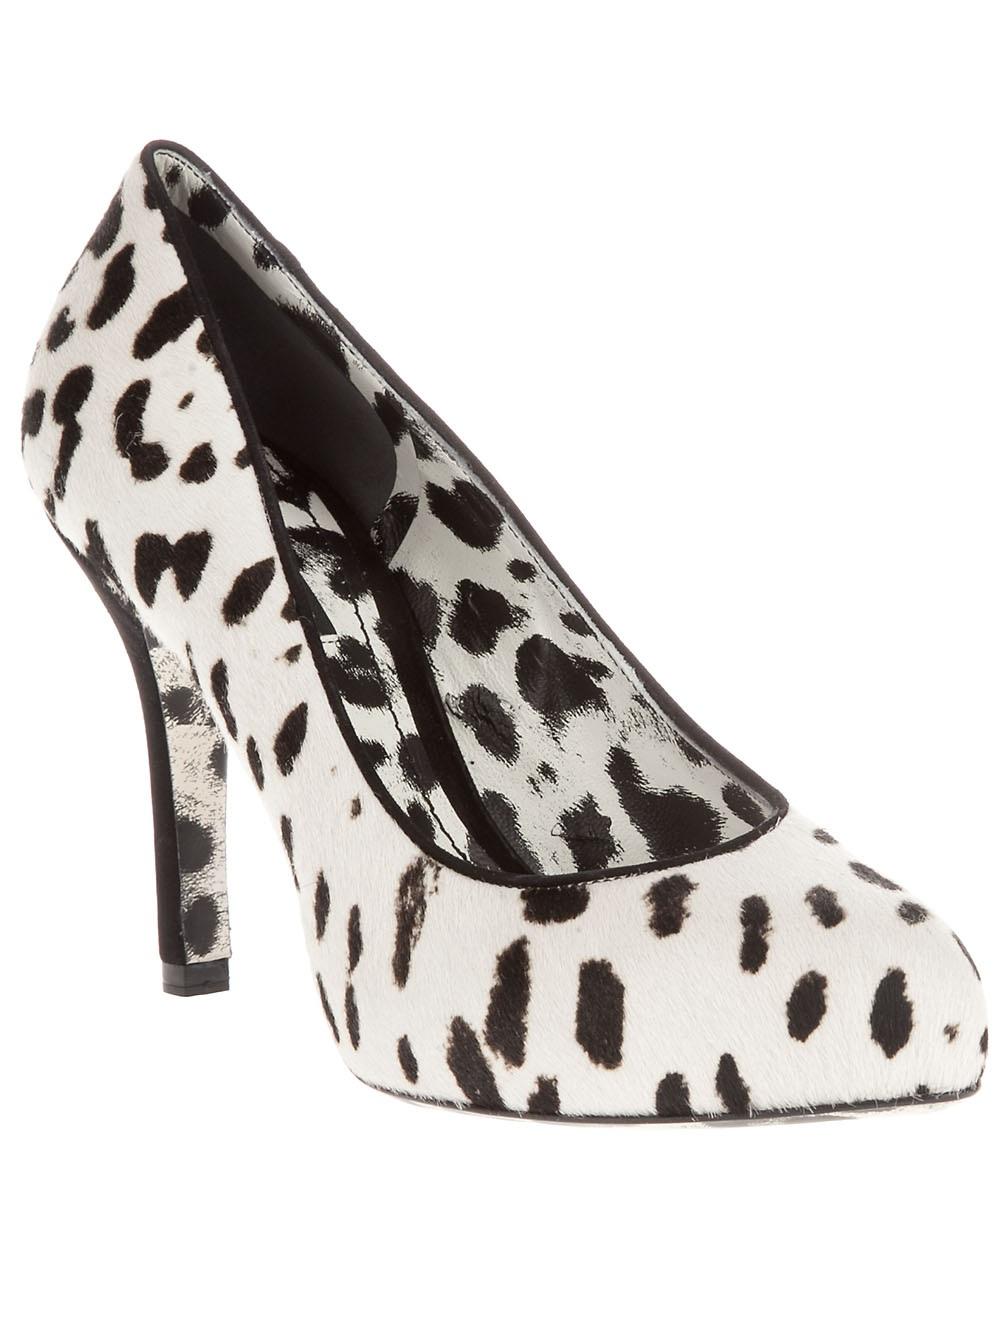 Dalmatian Shoes Womens